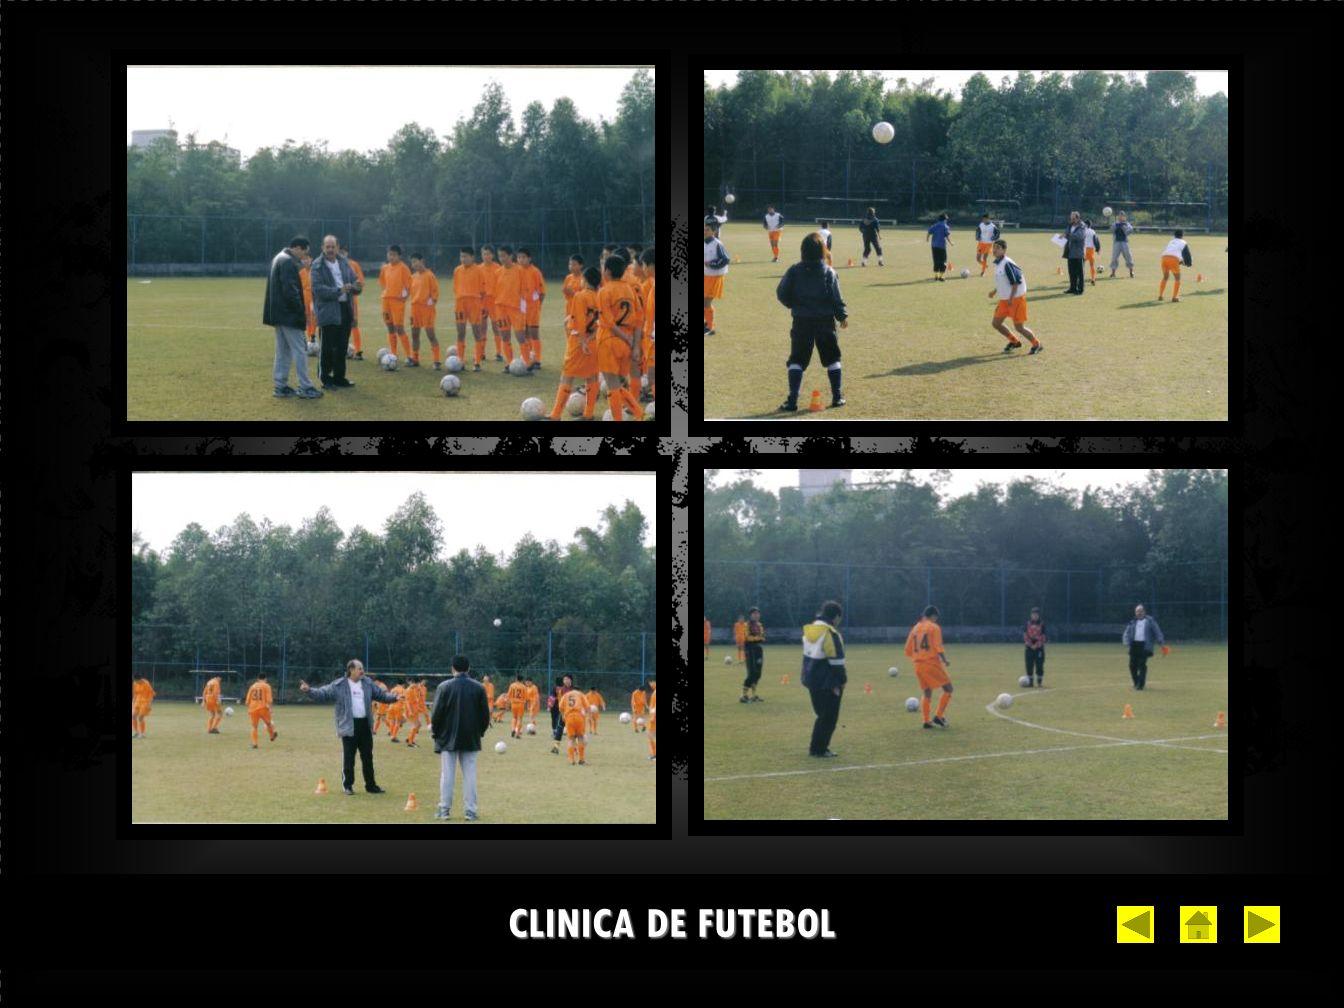 CLINICA DE FUTEBOL